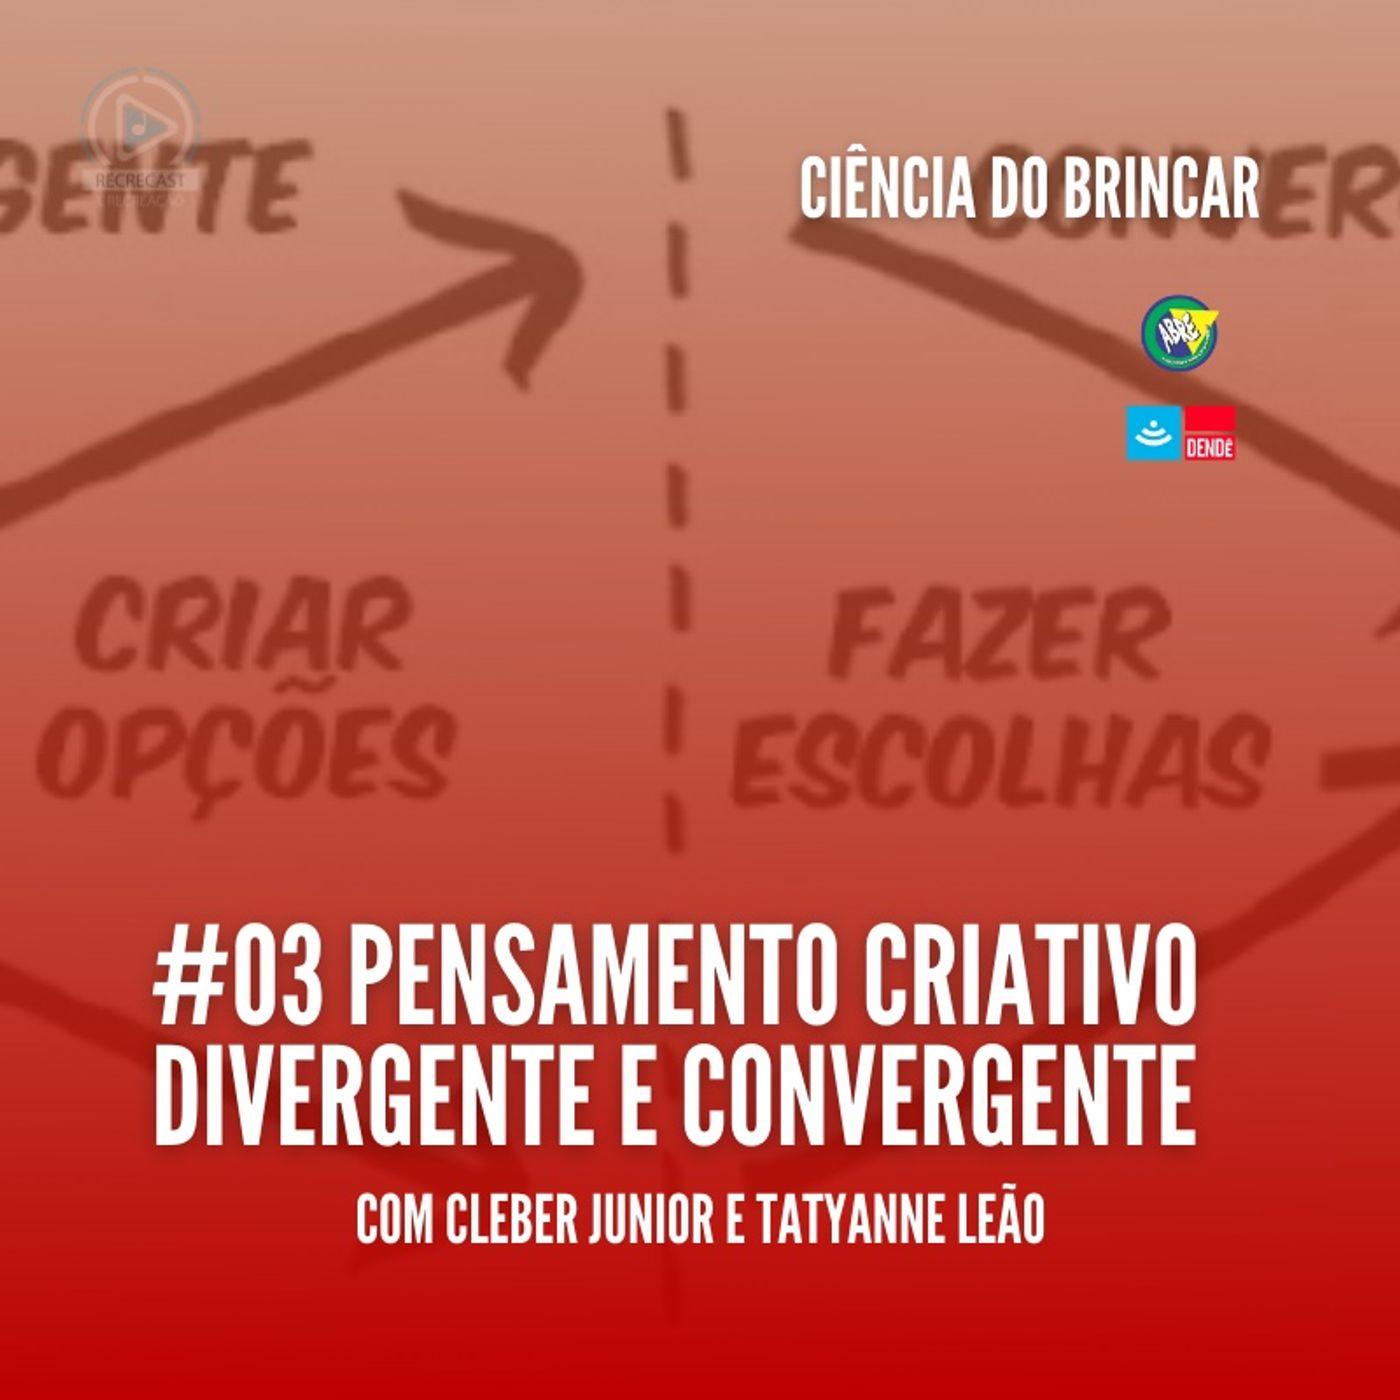 Pensamento criativo divergente e convergente